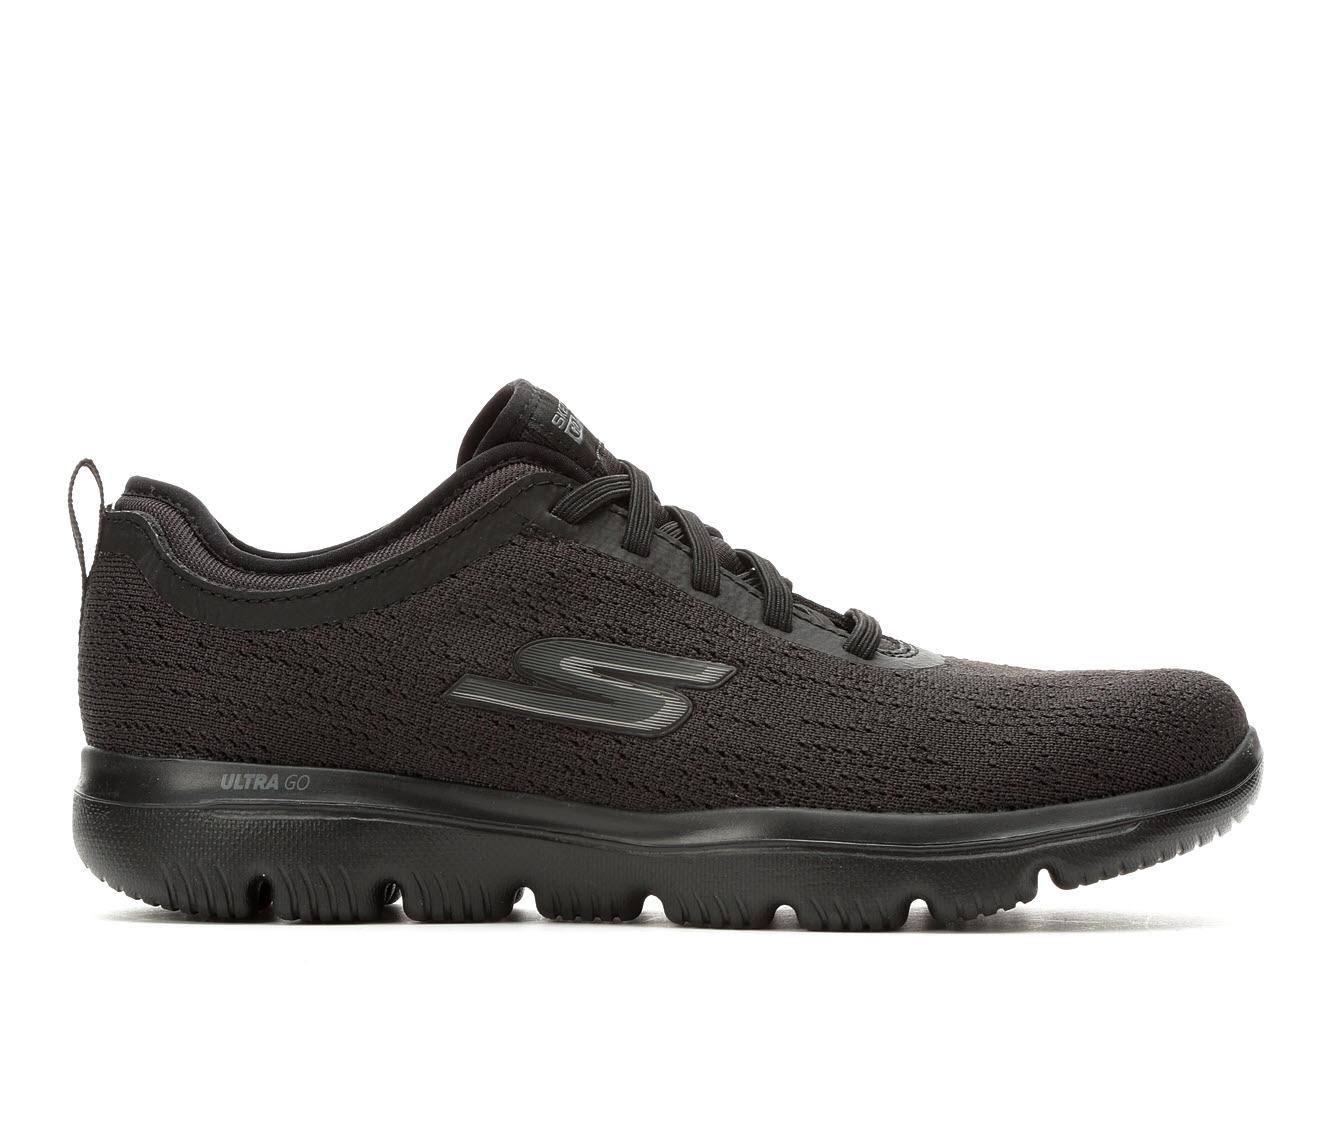 Skechers Go Ultra Mirable 15736 Women's Shoe (Black Canvas)